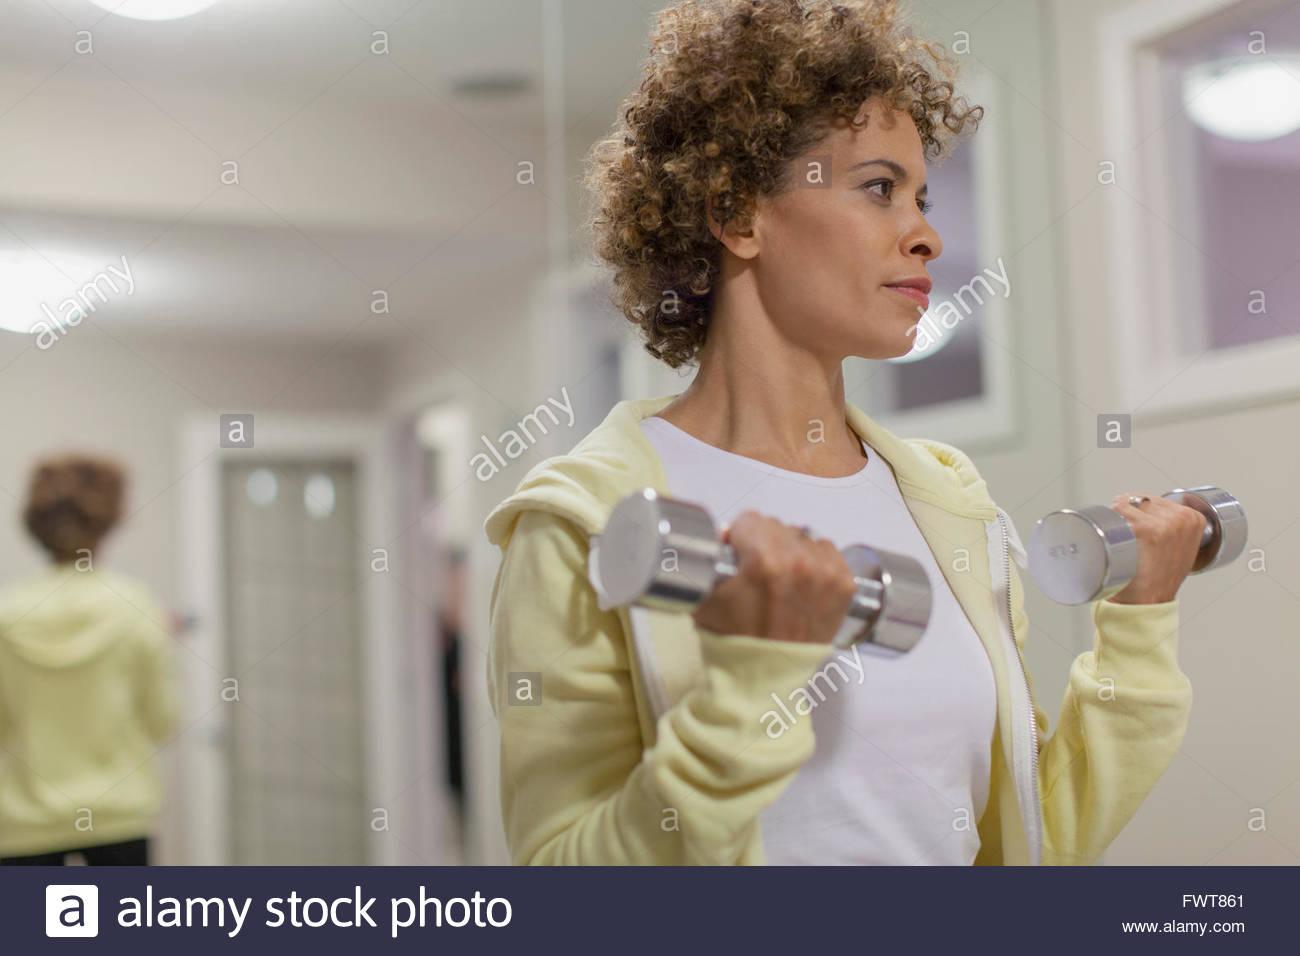 Femme à l'aide de poids pour l'entraînement. Photo Stock